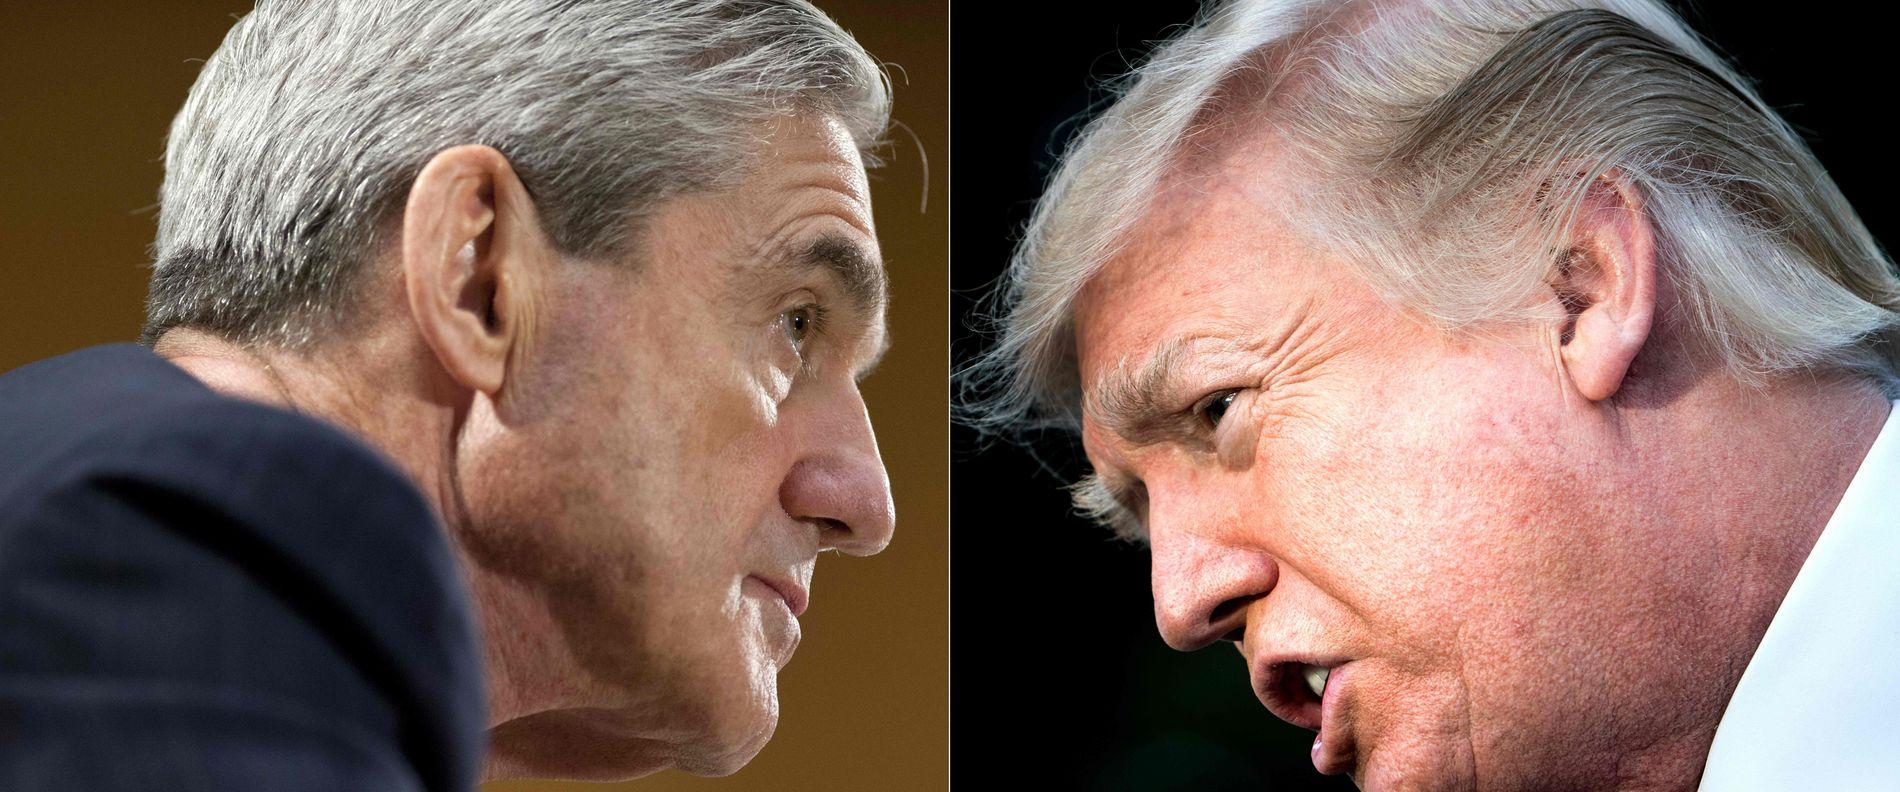 RAPPORT SLIPPES I DAG: President Donald Trump (t.h.) har allerede uttalt gjentatte ganger at Robert Mueller (t.v.) har frifunnet ham.